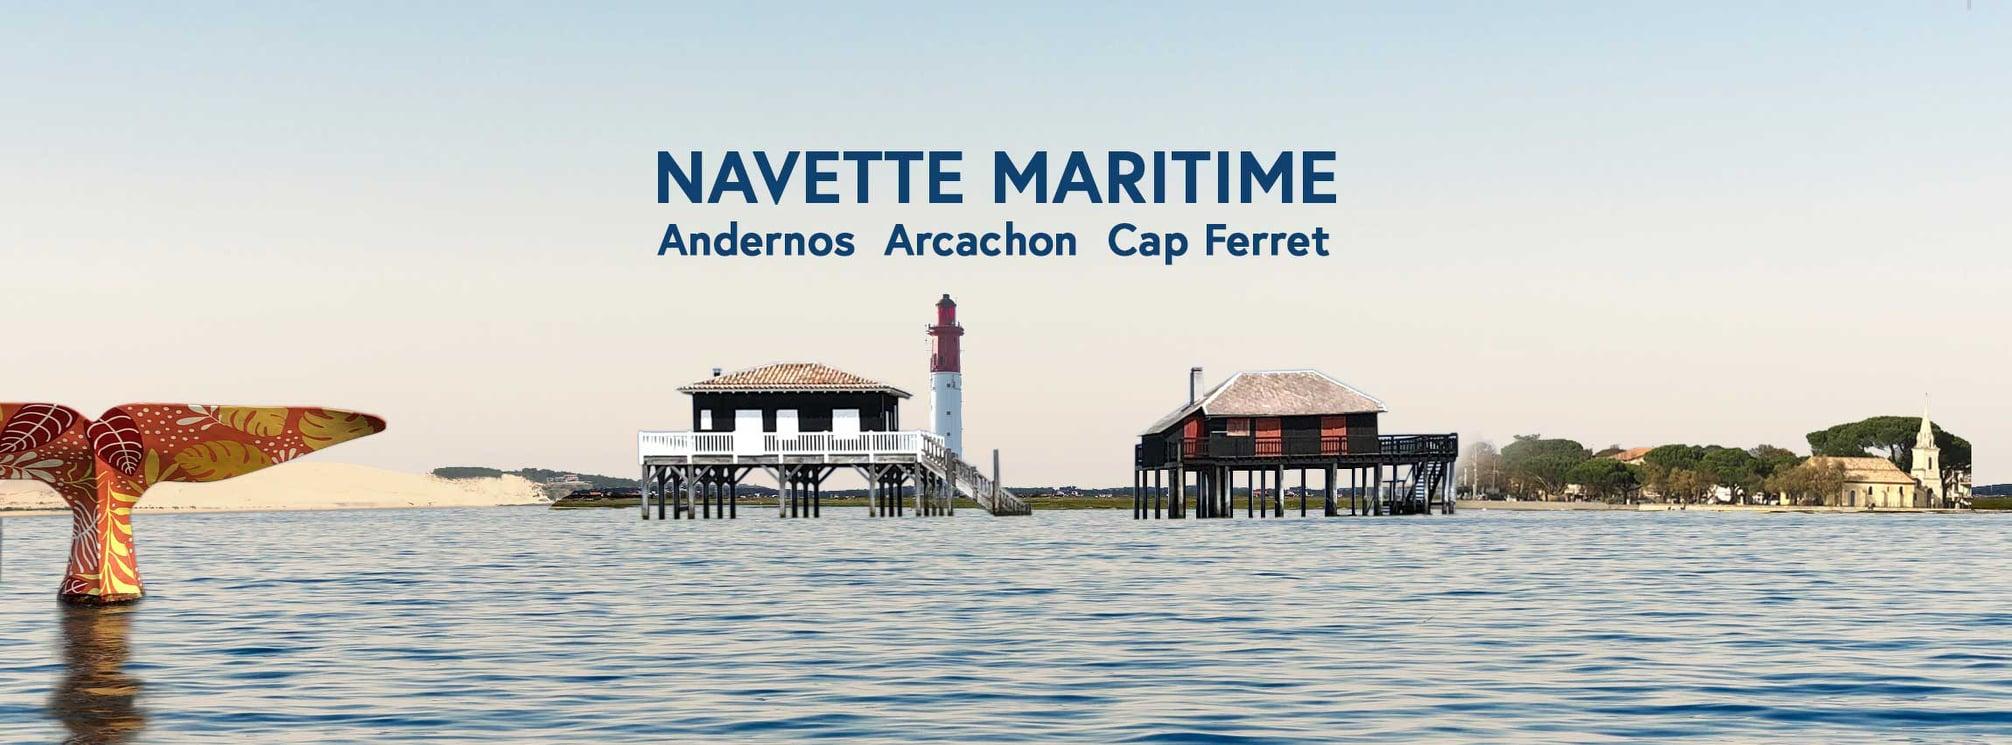 Navette maritime Le Passe Marée Andernos-Arcachon